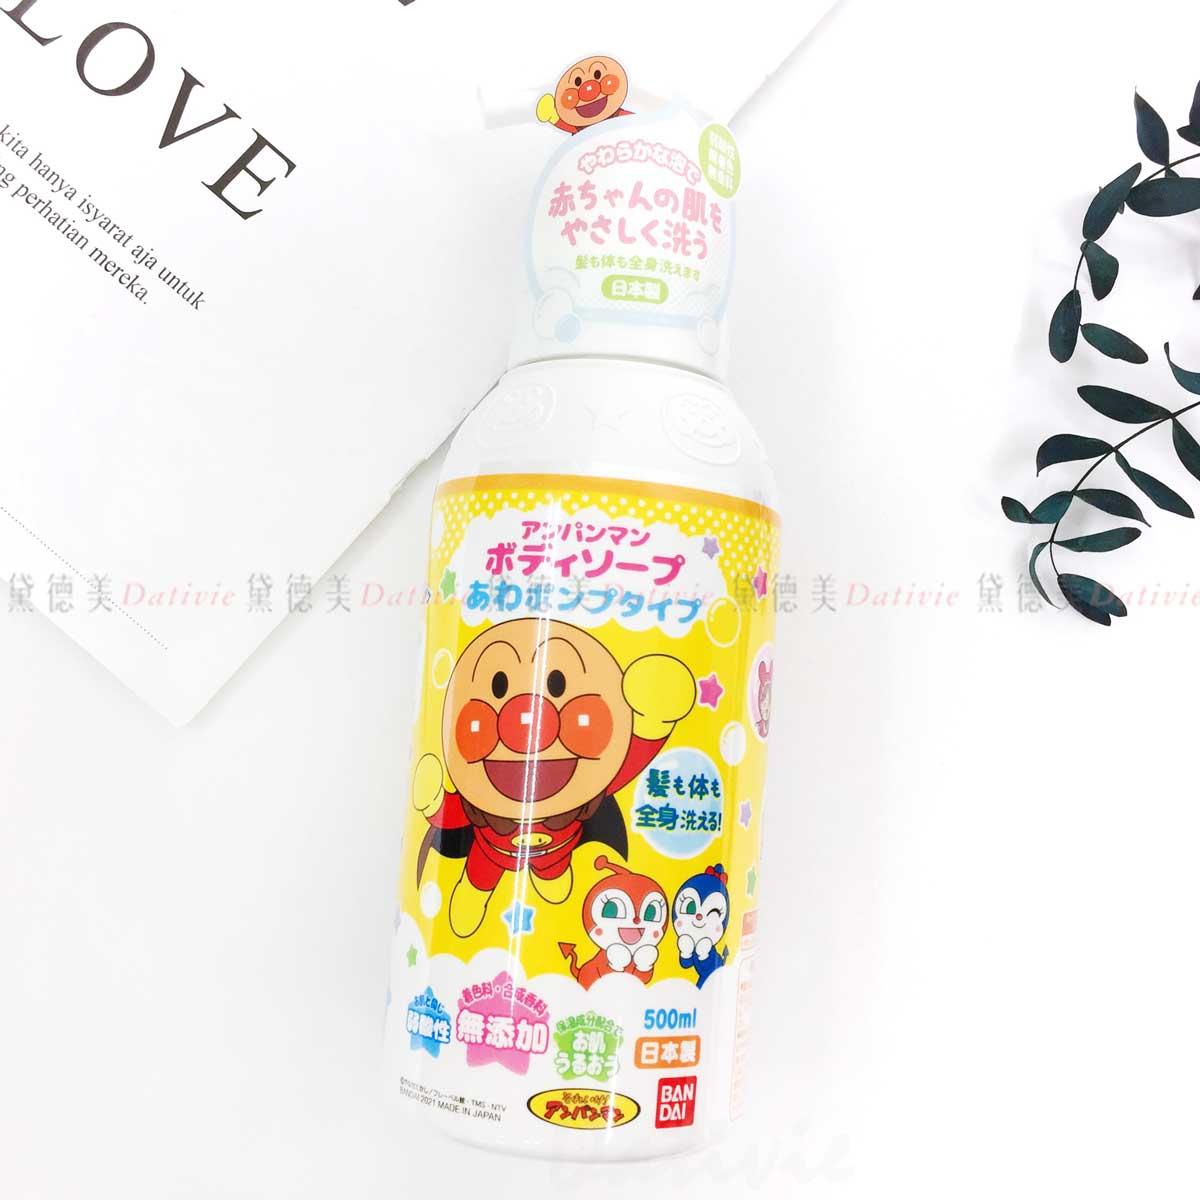 兒童沐浴慕斯 500ml-麵包超人 ANPANMAN BANDAI 日本進口正版授權